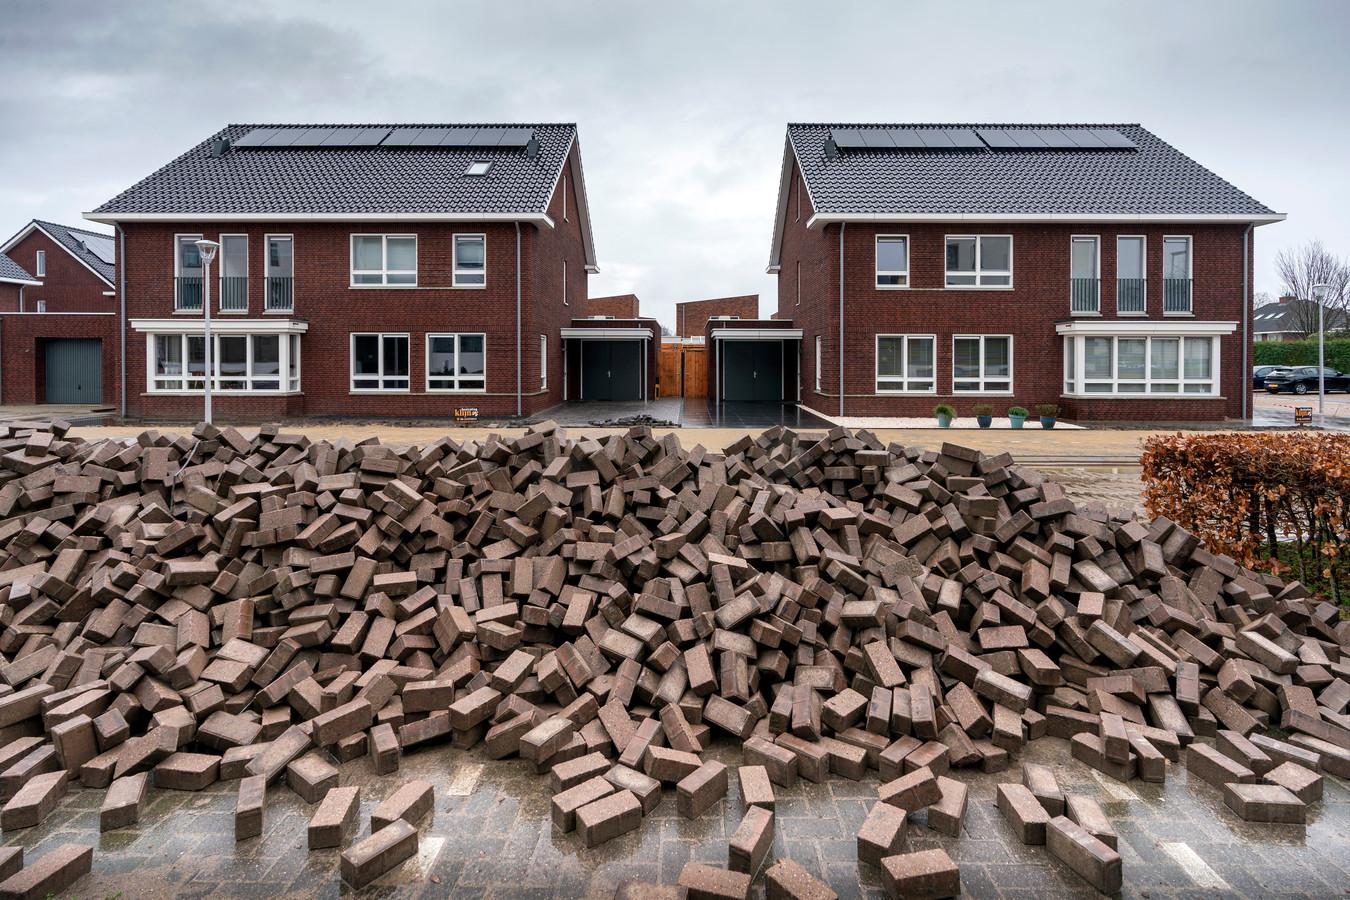 De woningbouwproductie moet flink worden opgeschroefd. Woningbouwers, projectontwikkelaars en andere woonpartijen hebben daar afspraken over gemaakt.